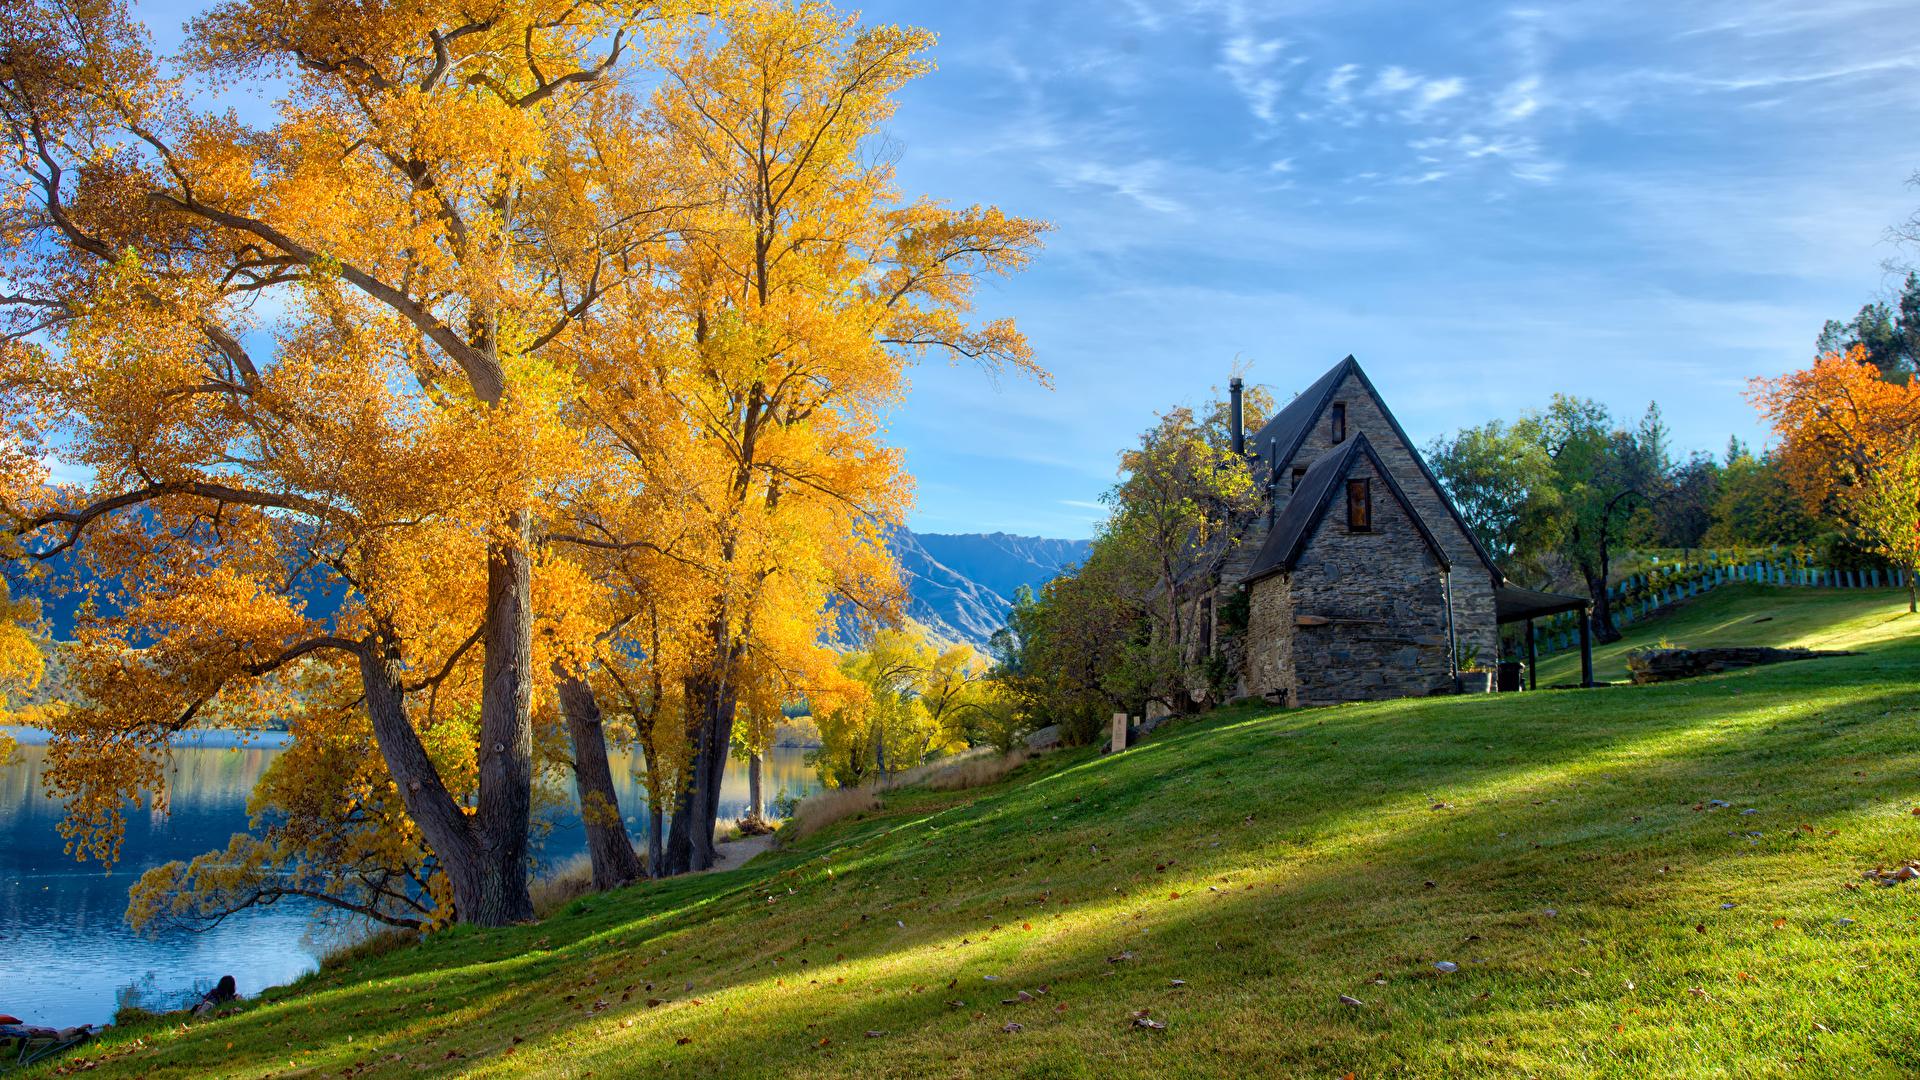 Новая зеландия Hd: Обои Новая Зеландия Queenstown HDRI Осень Природа Трава